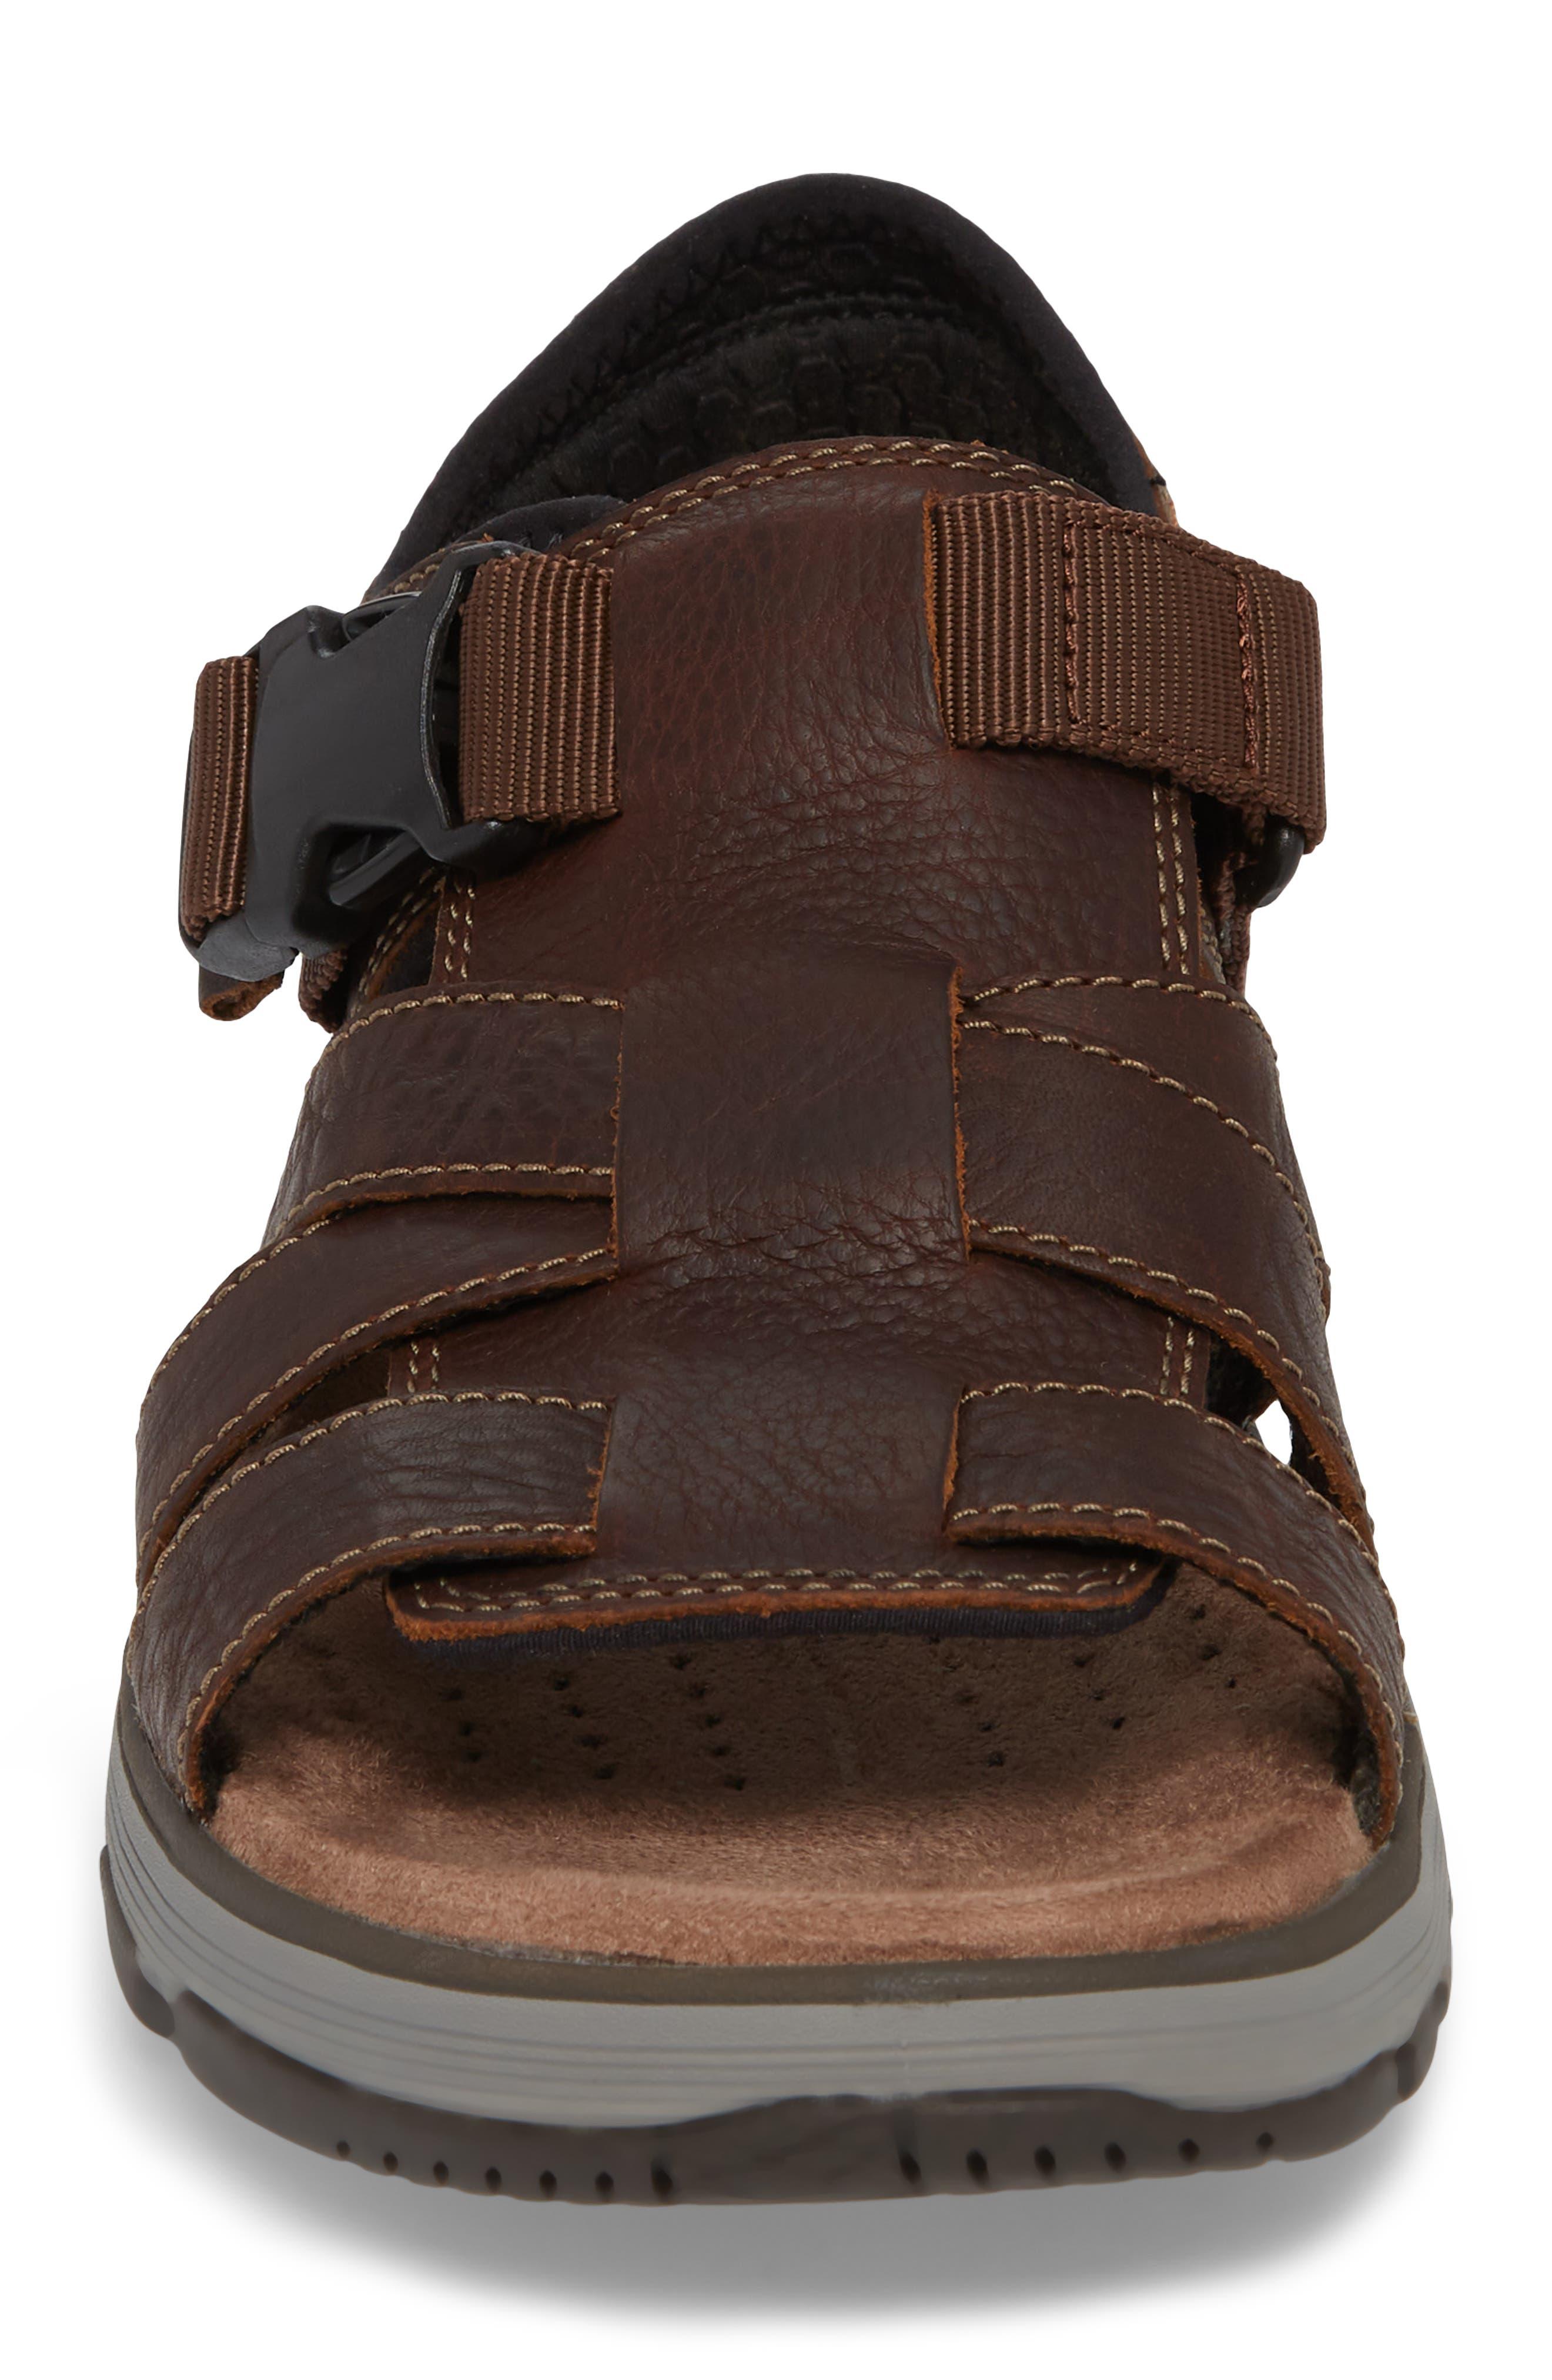 Clarks<sup>®</sup> Untrek Cove Fisherman Sandal,                             Alternate thumbnail 4, color,                             Dark Tan Leather